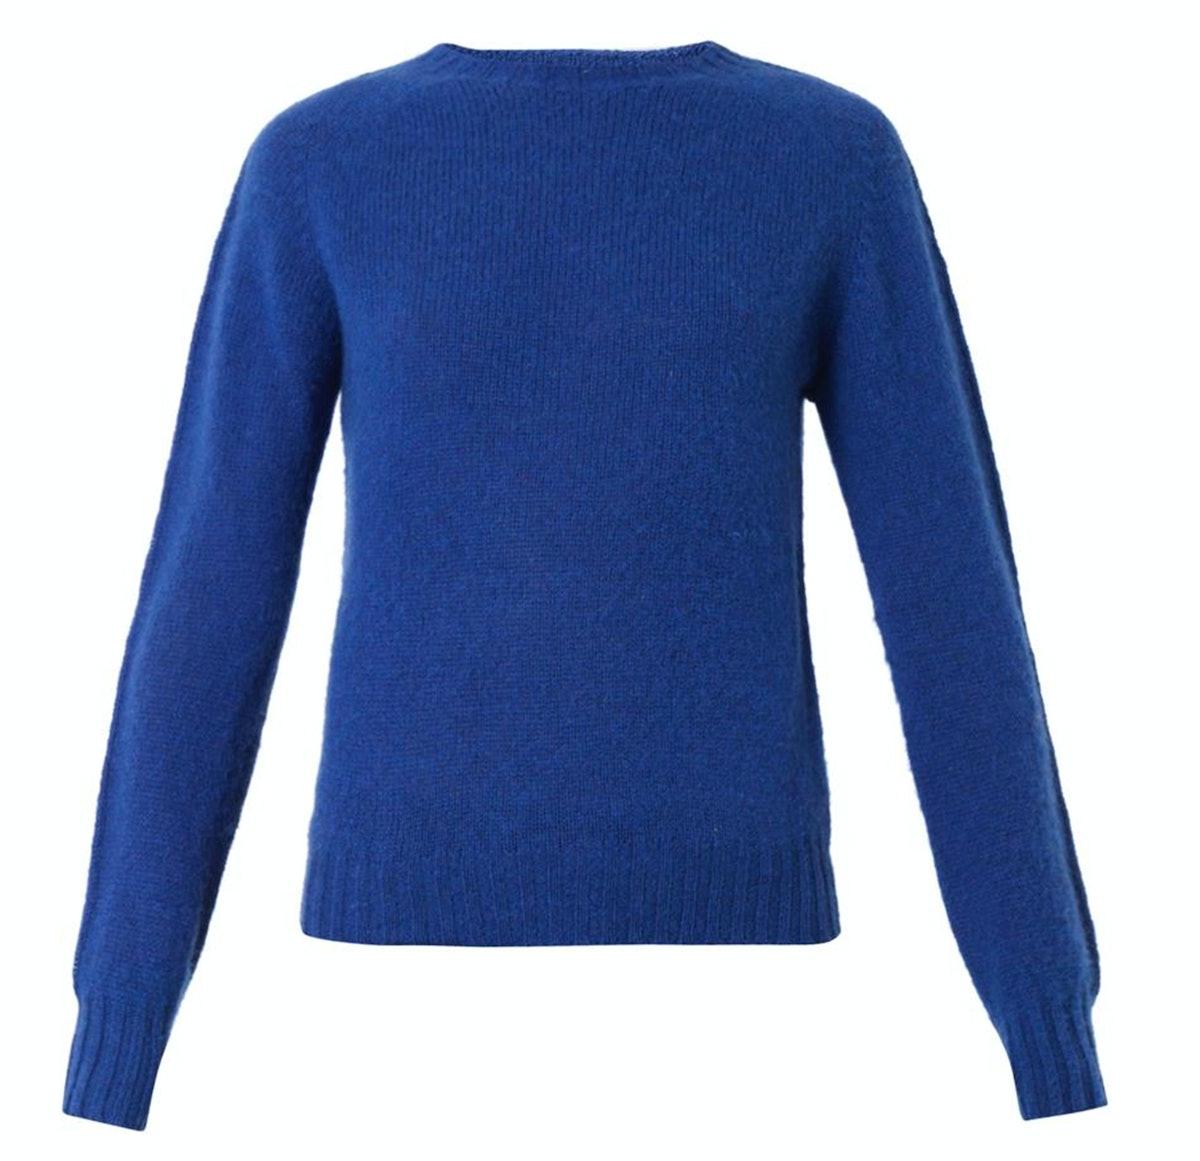 YMC sweater